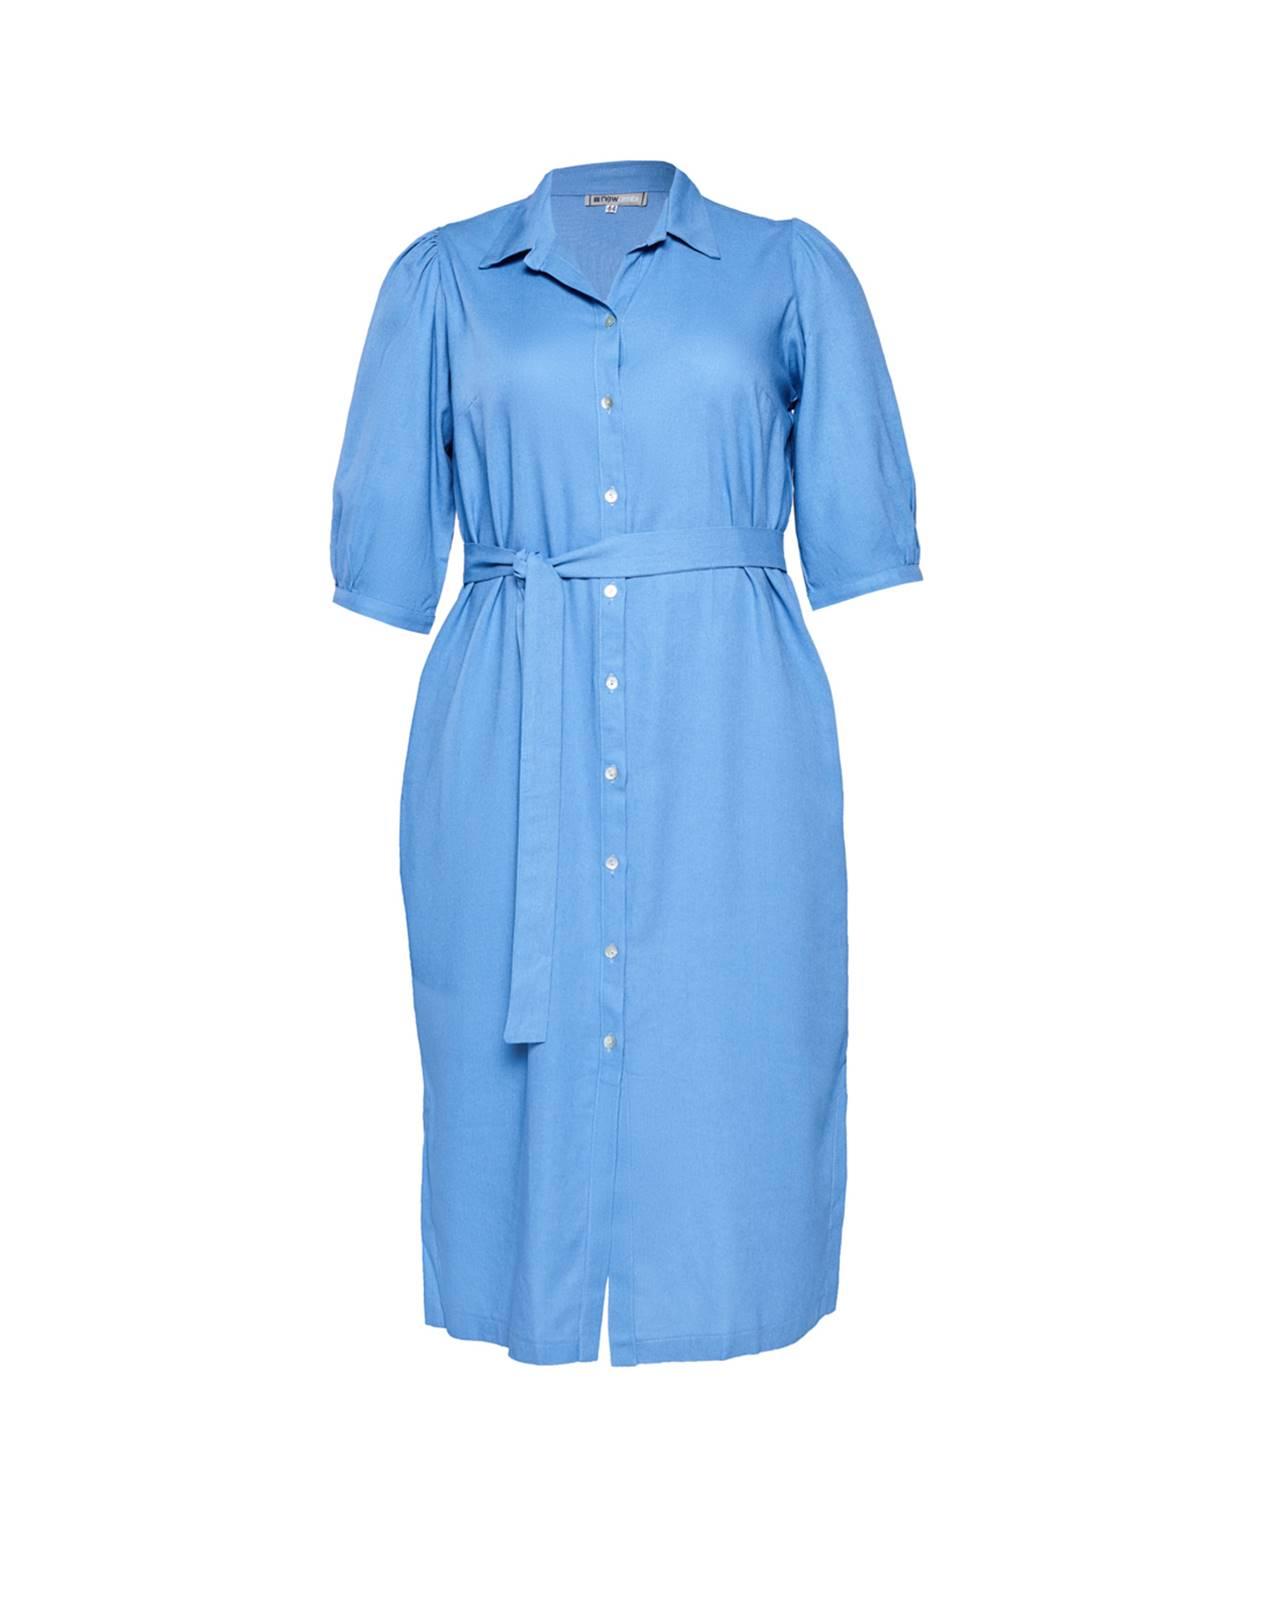 Vestido azul  plus size com manga  Ref. U61221